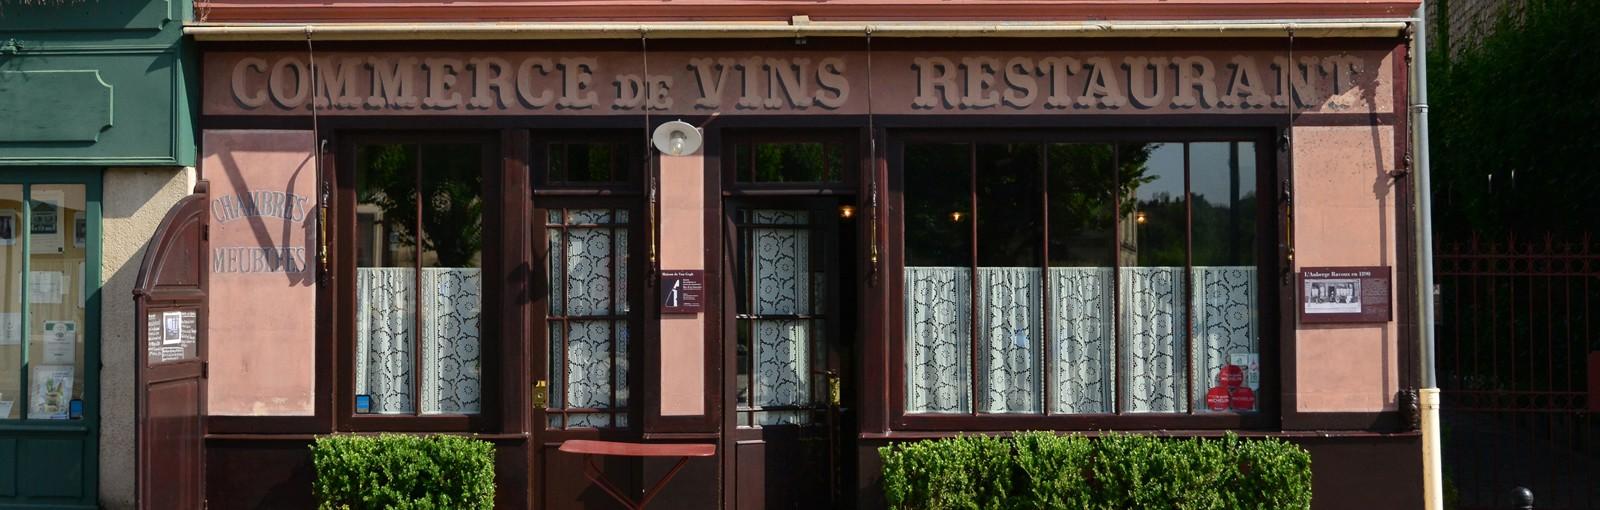 Tours Auvers-sur-Oise - Medio-días - Excursiones desde París